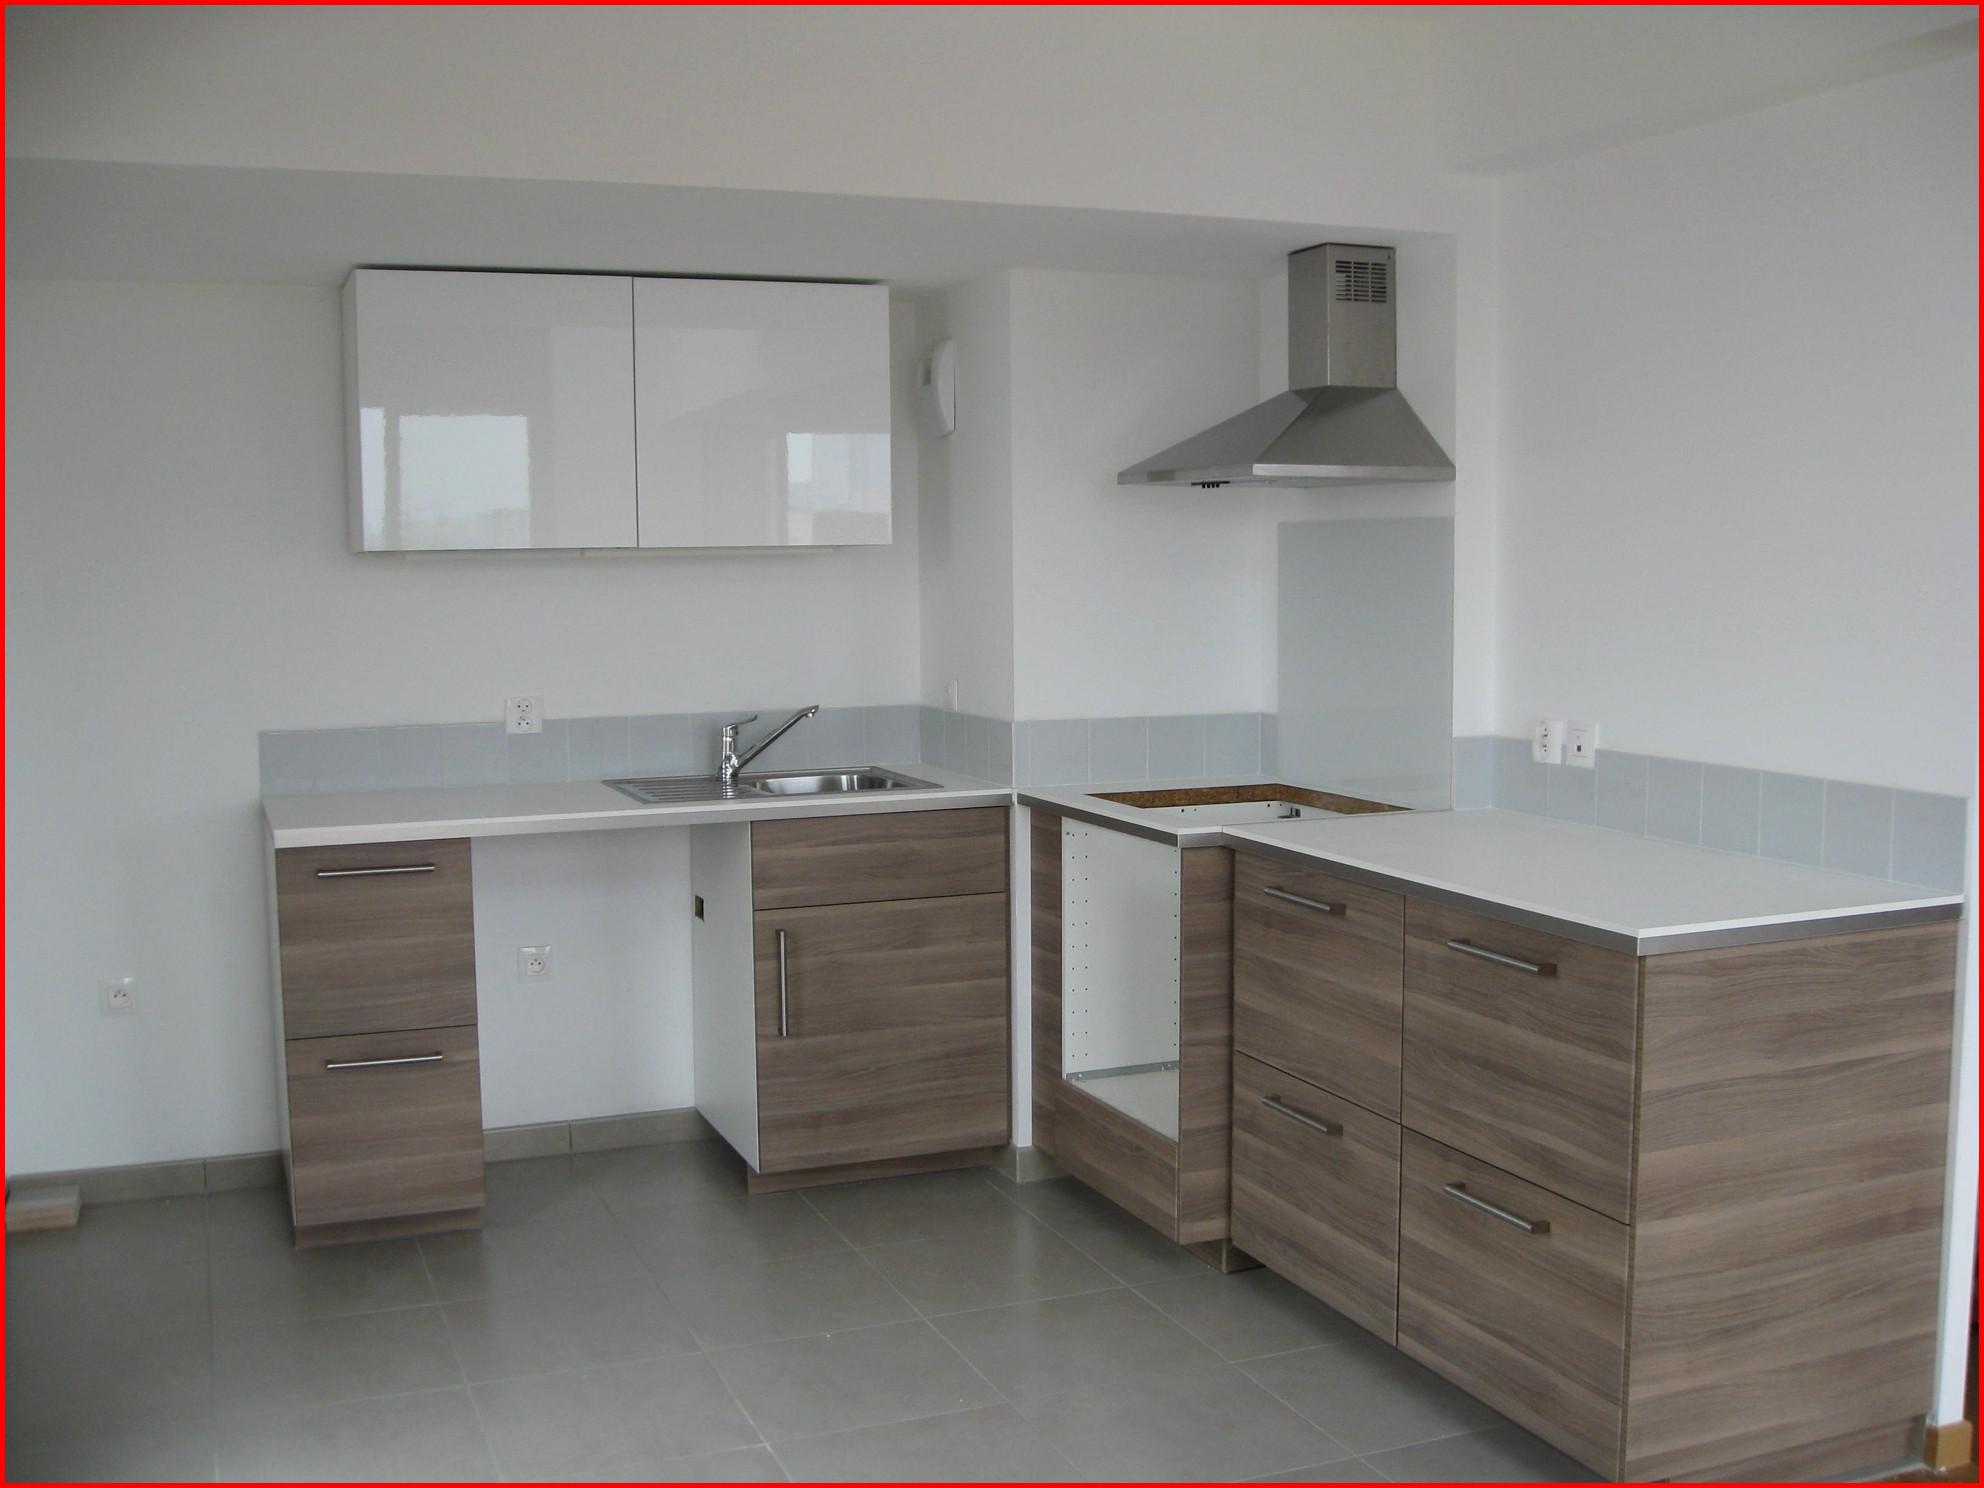 Meuble sous evier lave vaisselle ikea id es de travaux - Evier avec meuble ikea ...